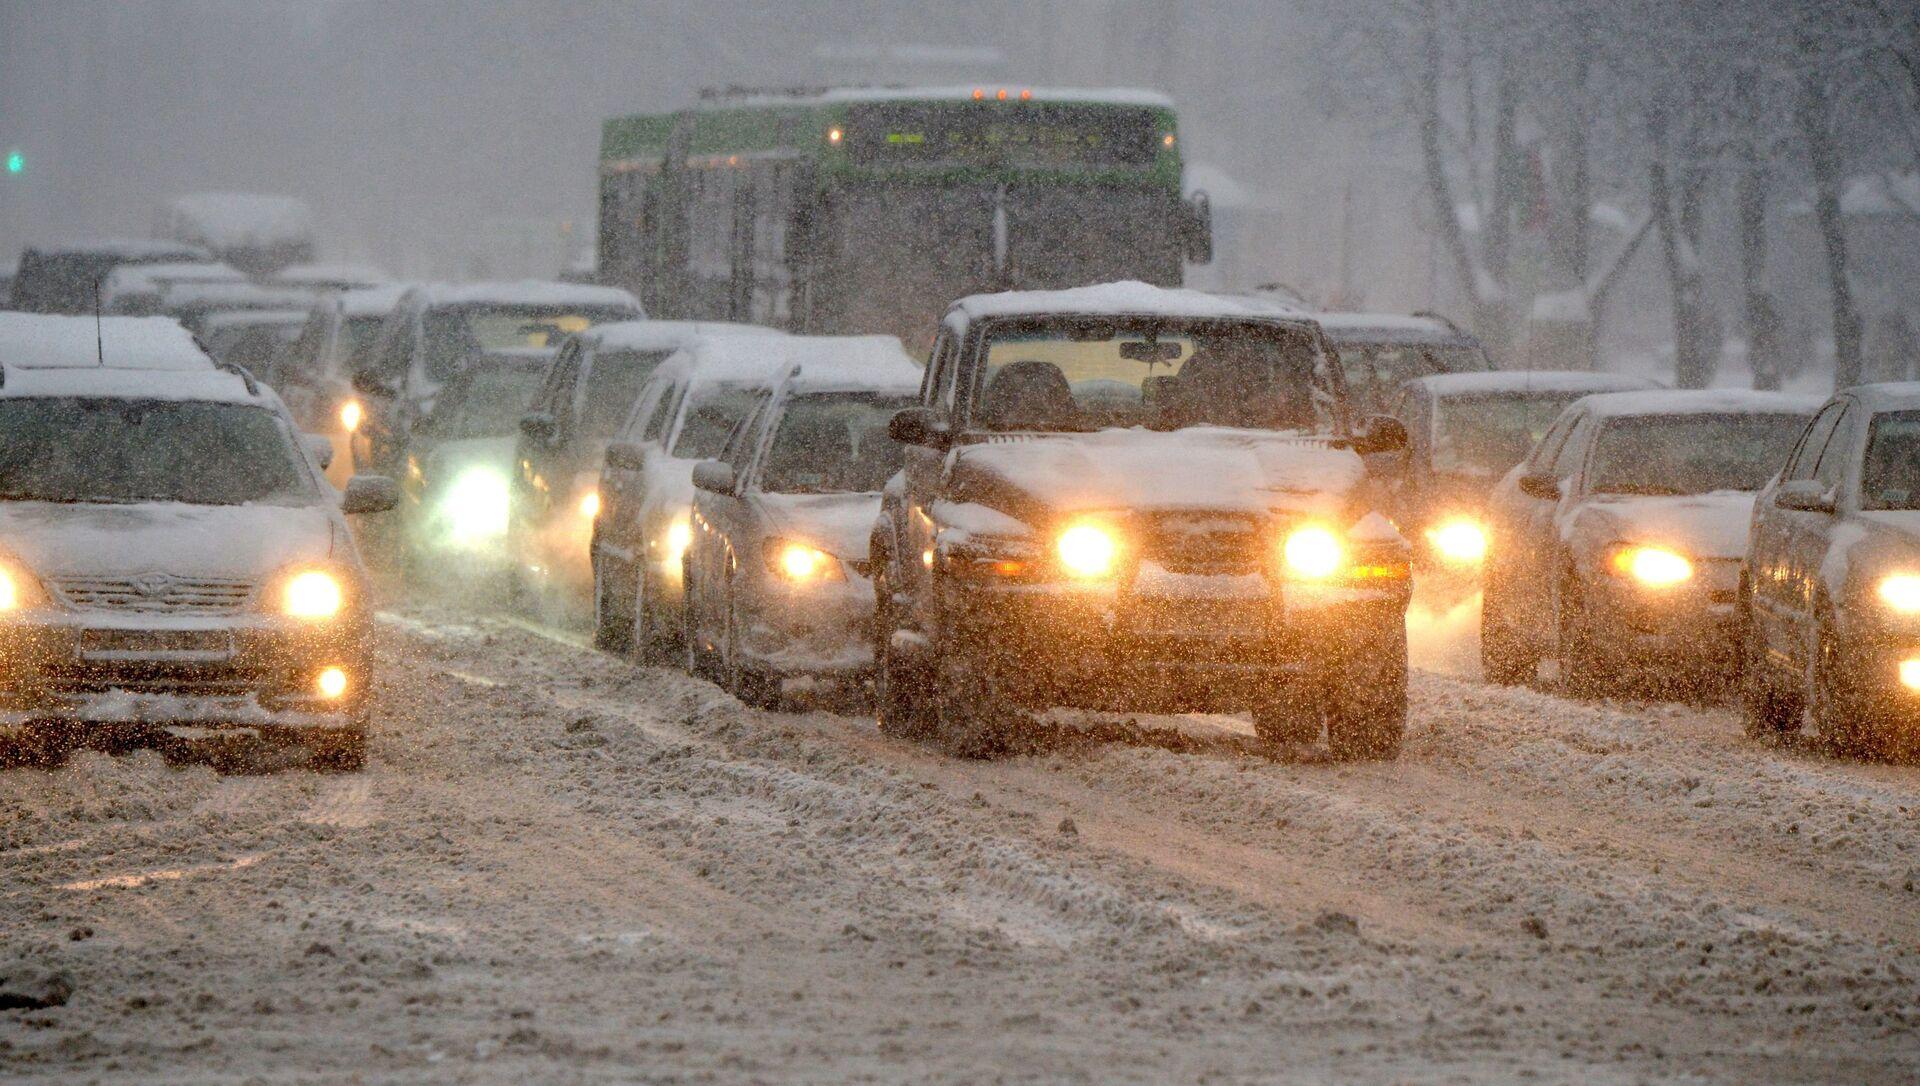 Снегопад в Минске - Sputnik Беларусь, 1920, 08.02.2021